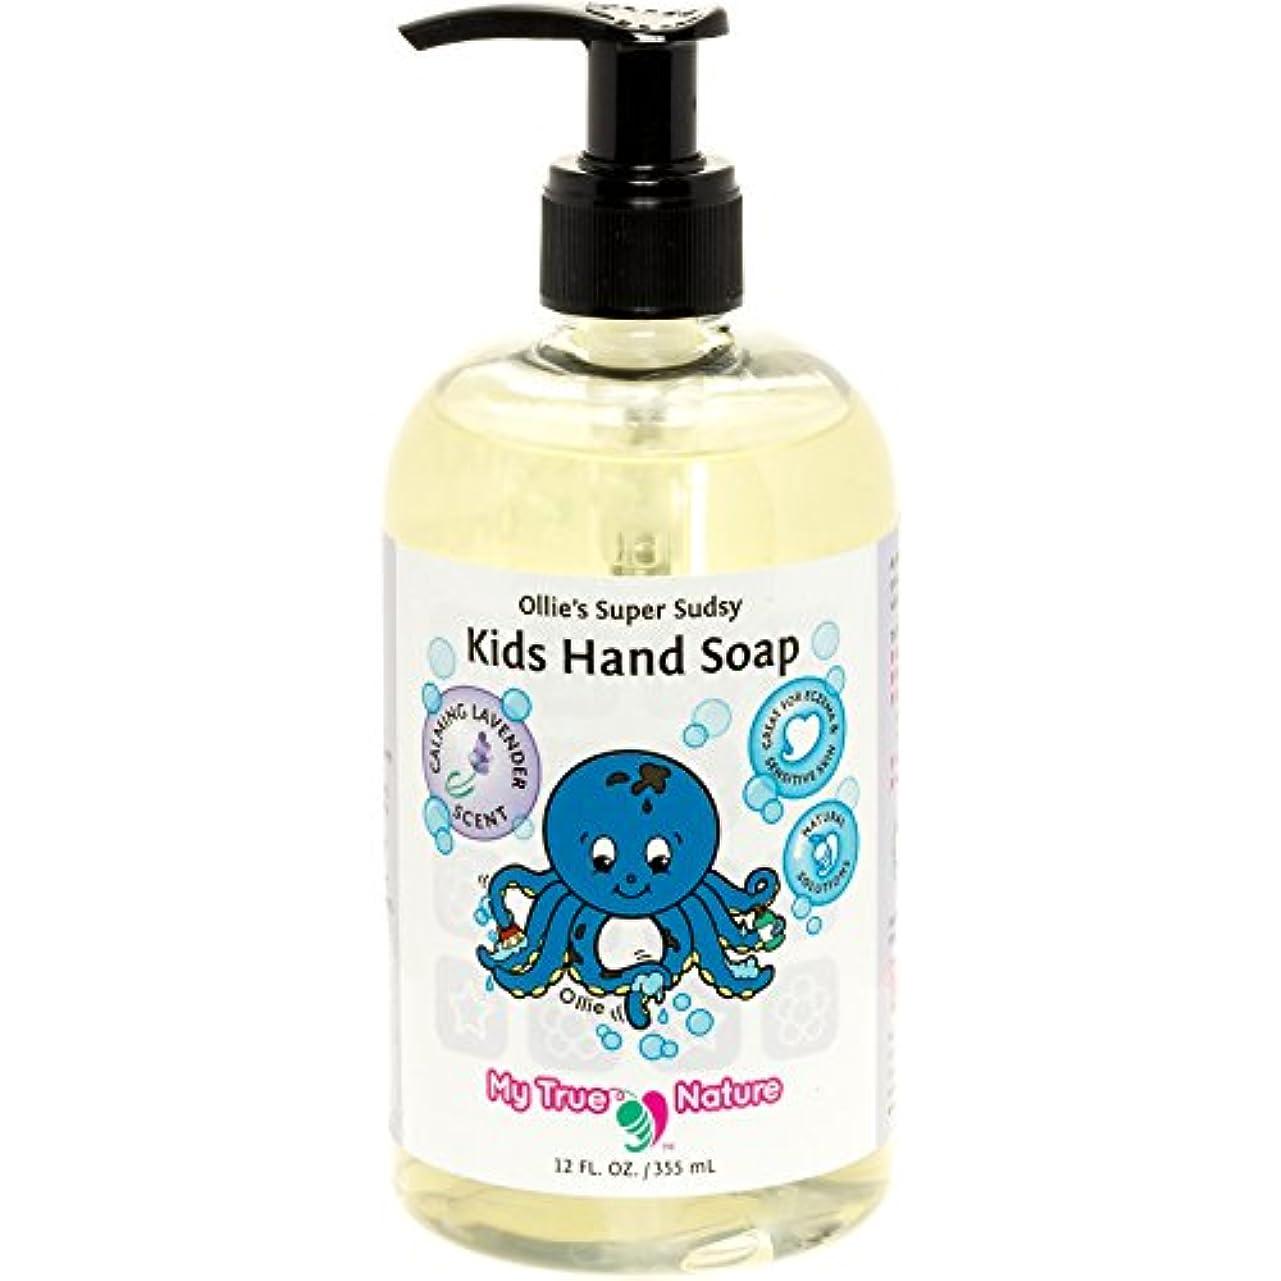 会議脚テーブルAll Natural Kids Soap - Ollie's Super Sudsy Liquid Hand Soap - Lavender Scent, 12 oz by My True Nature